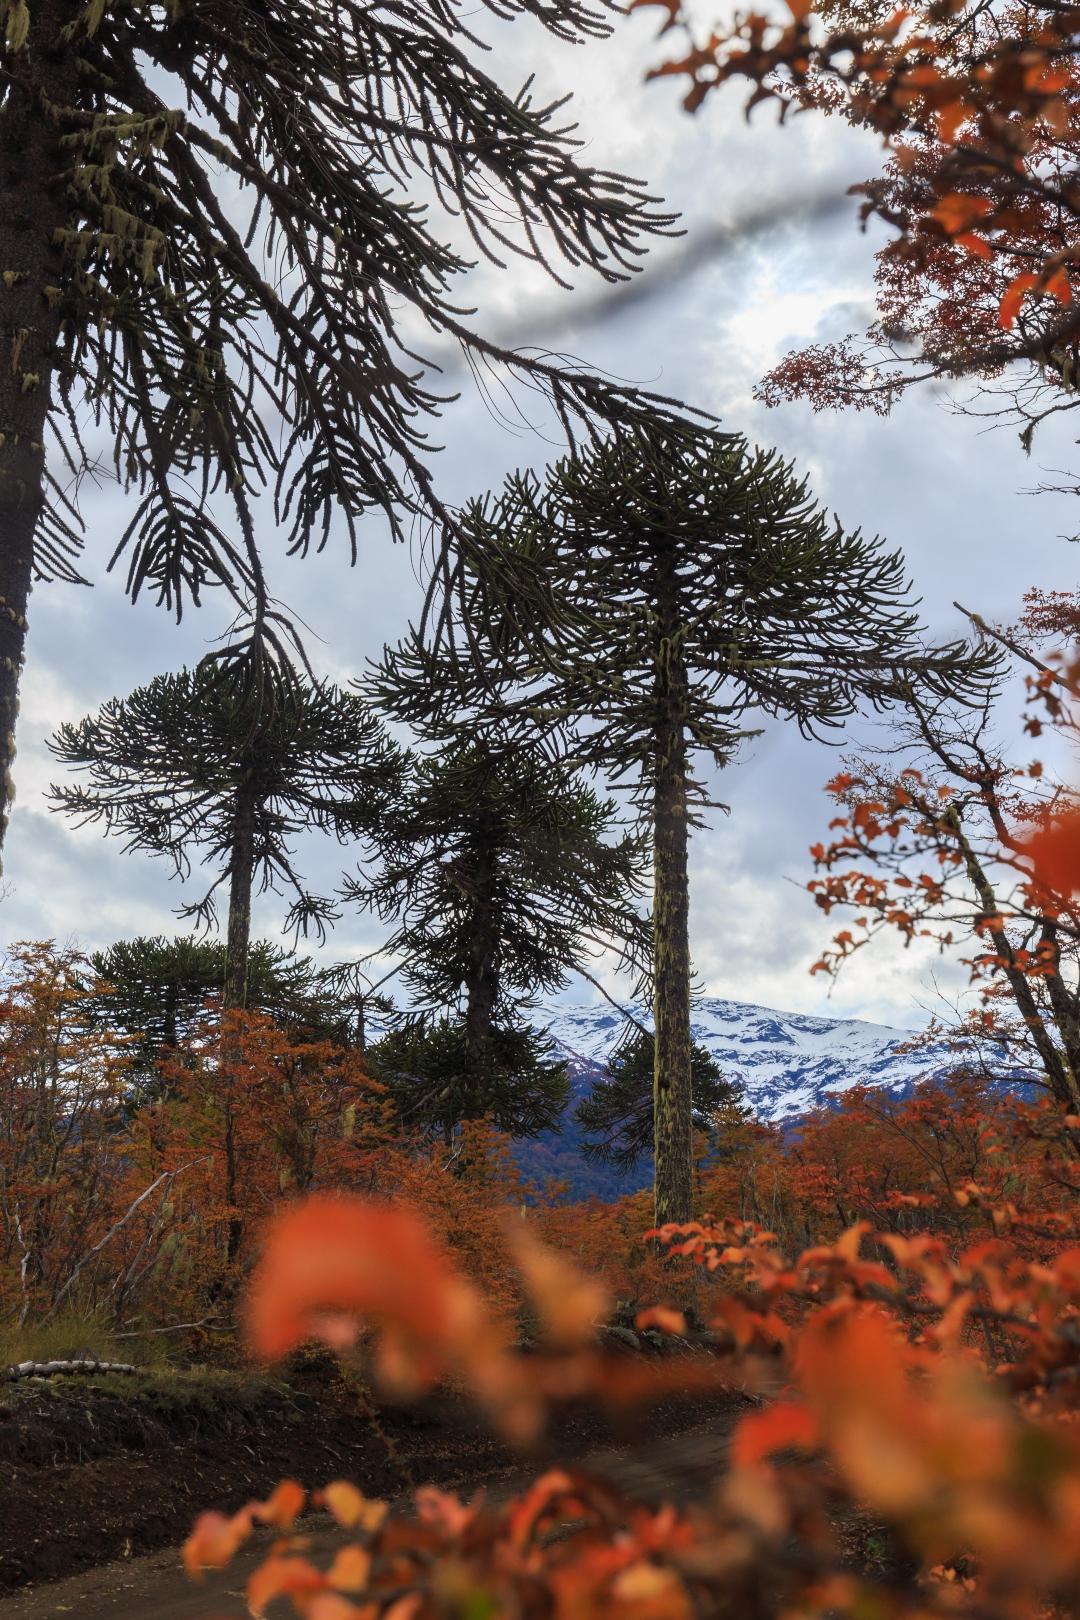 Bosques de Chile- araucarias milenarias en Conguillio